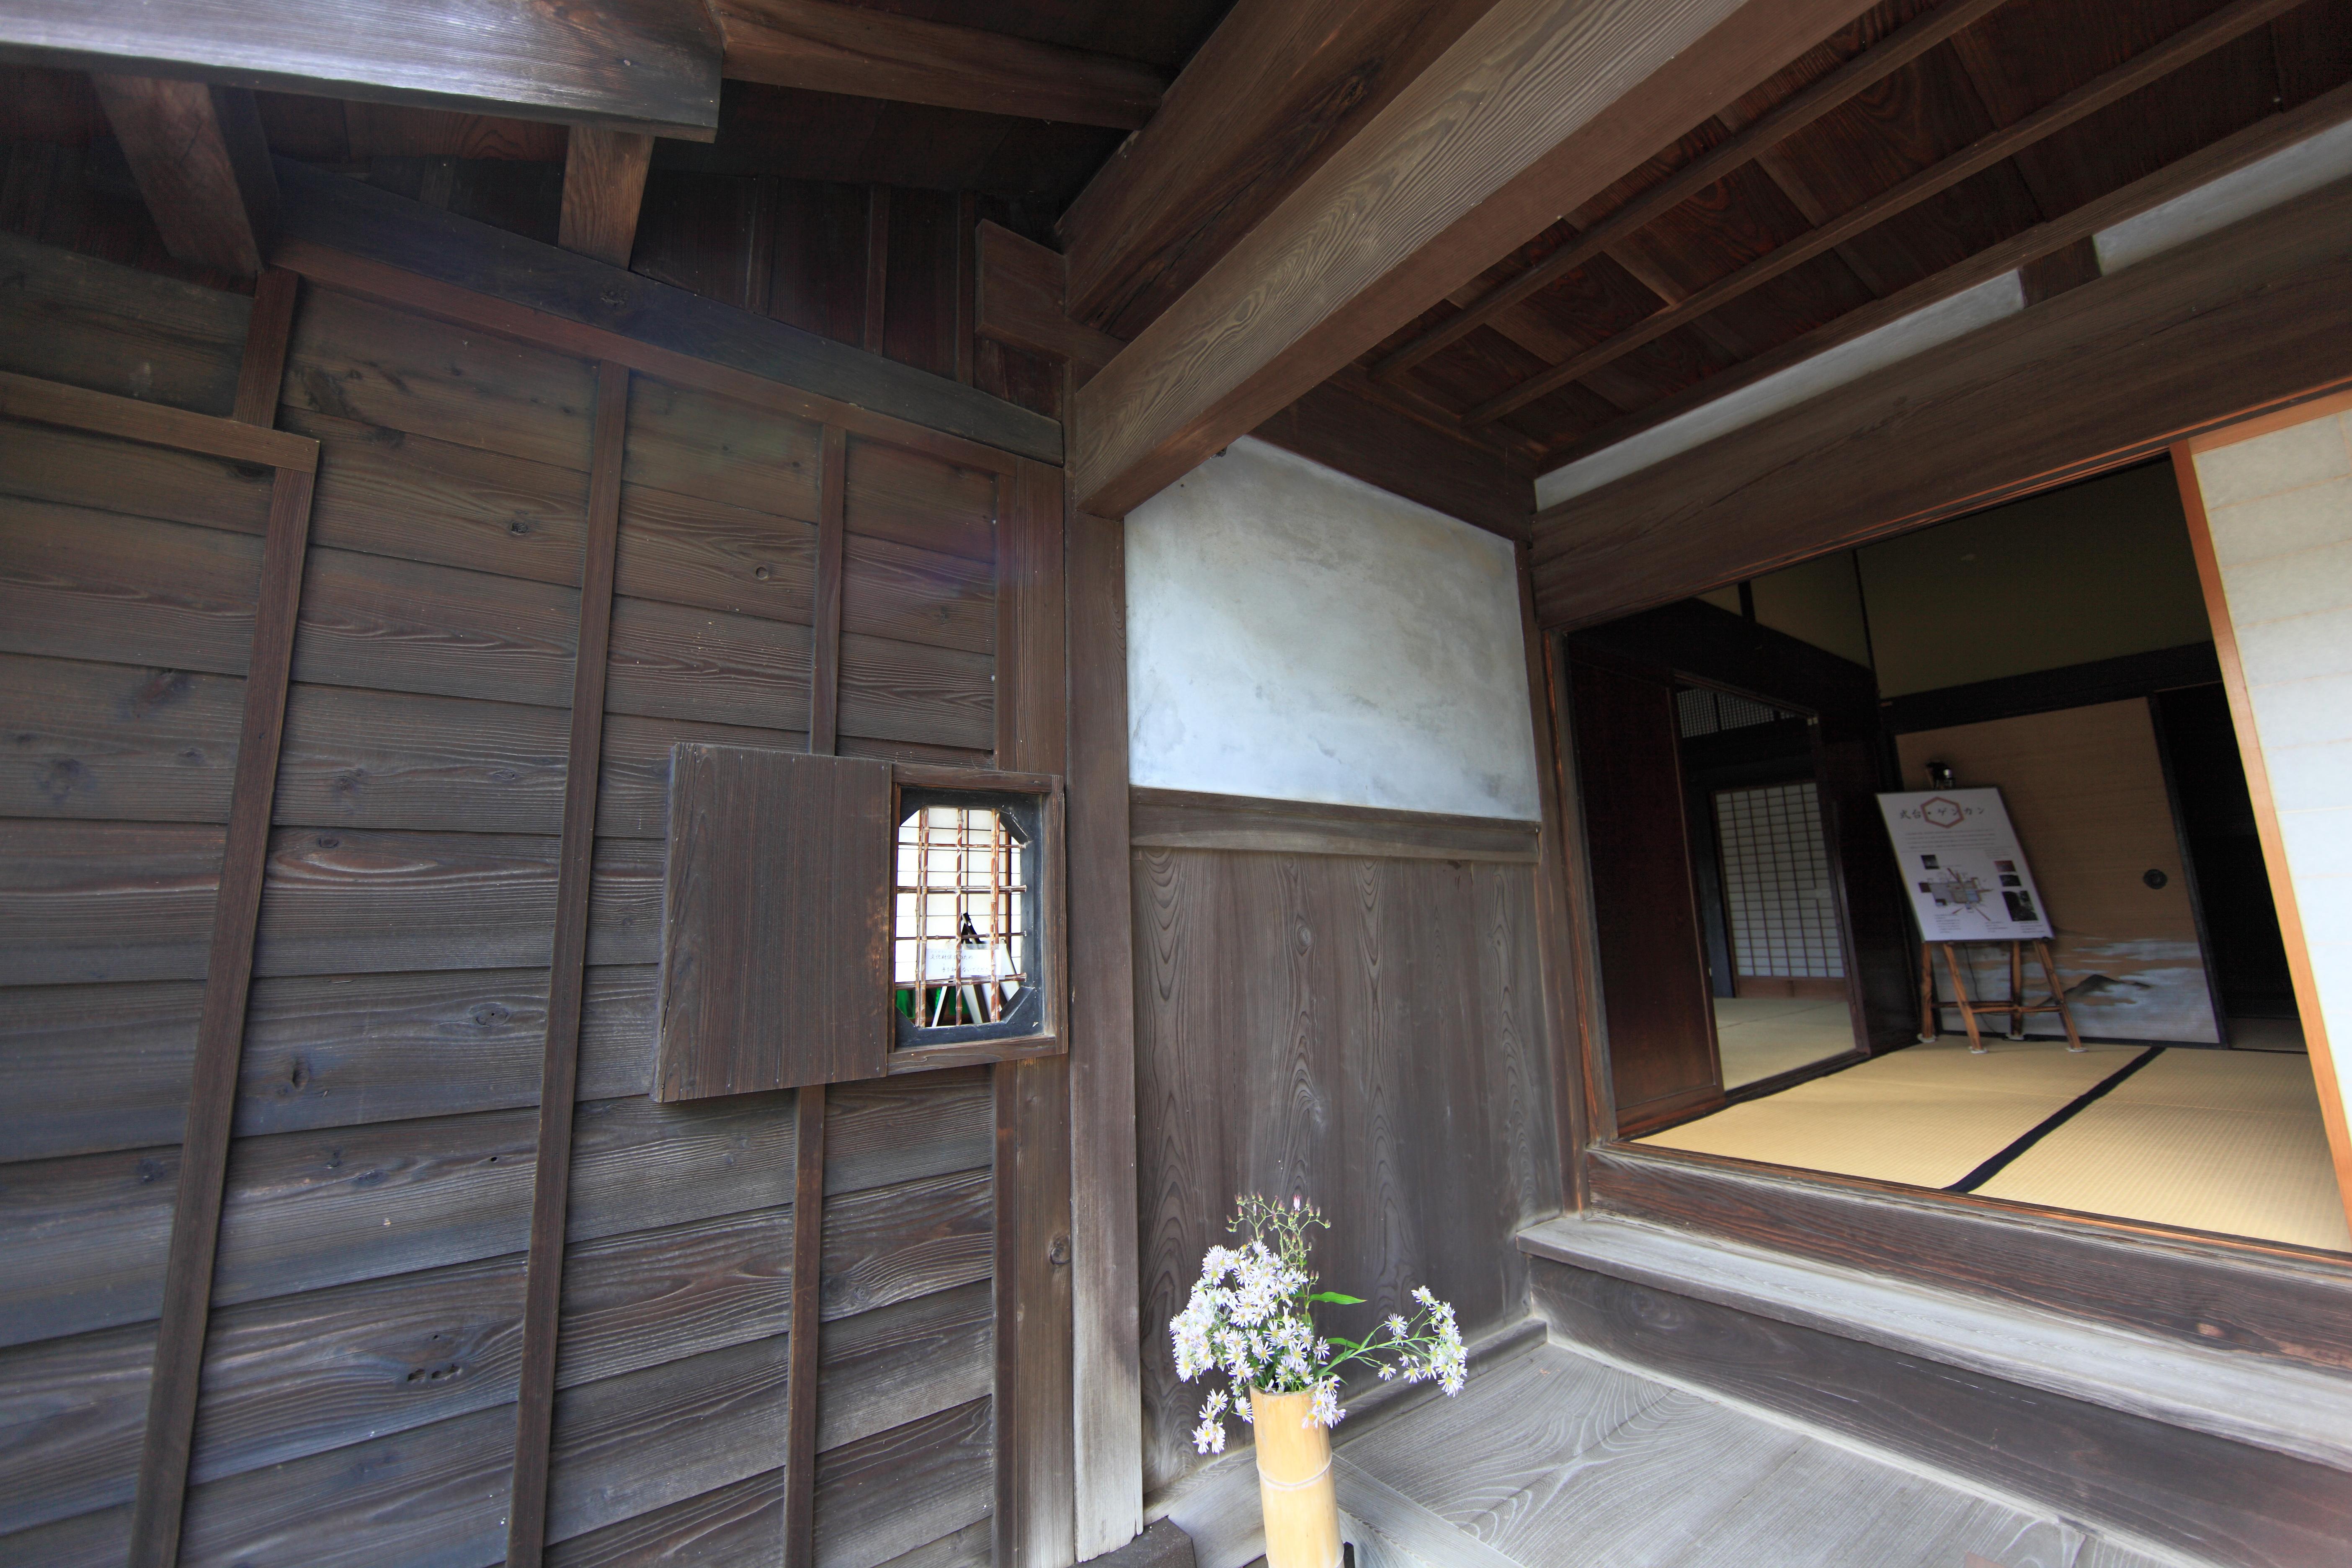 Kostenlose foto : Holz, Villa, Haus, Stock, Zuhause, Decke, hoch ...